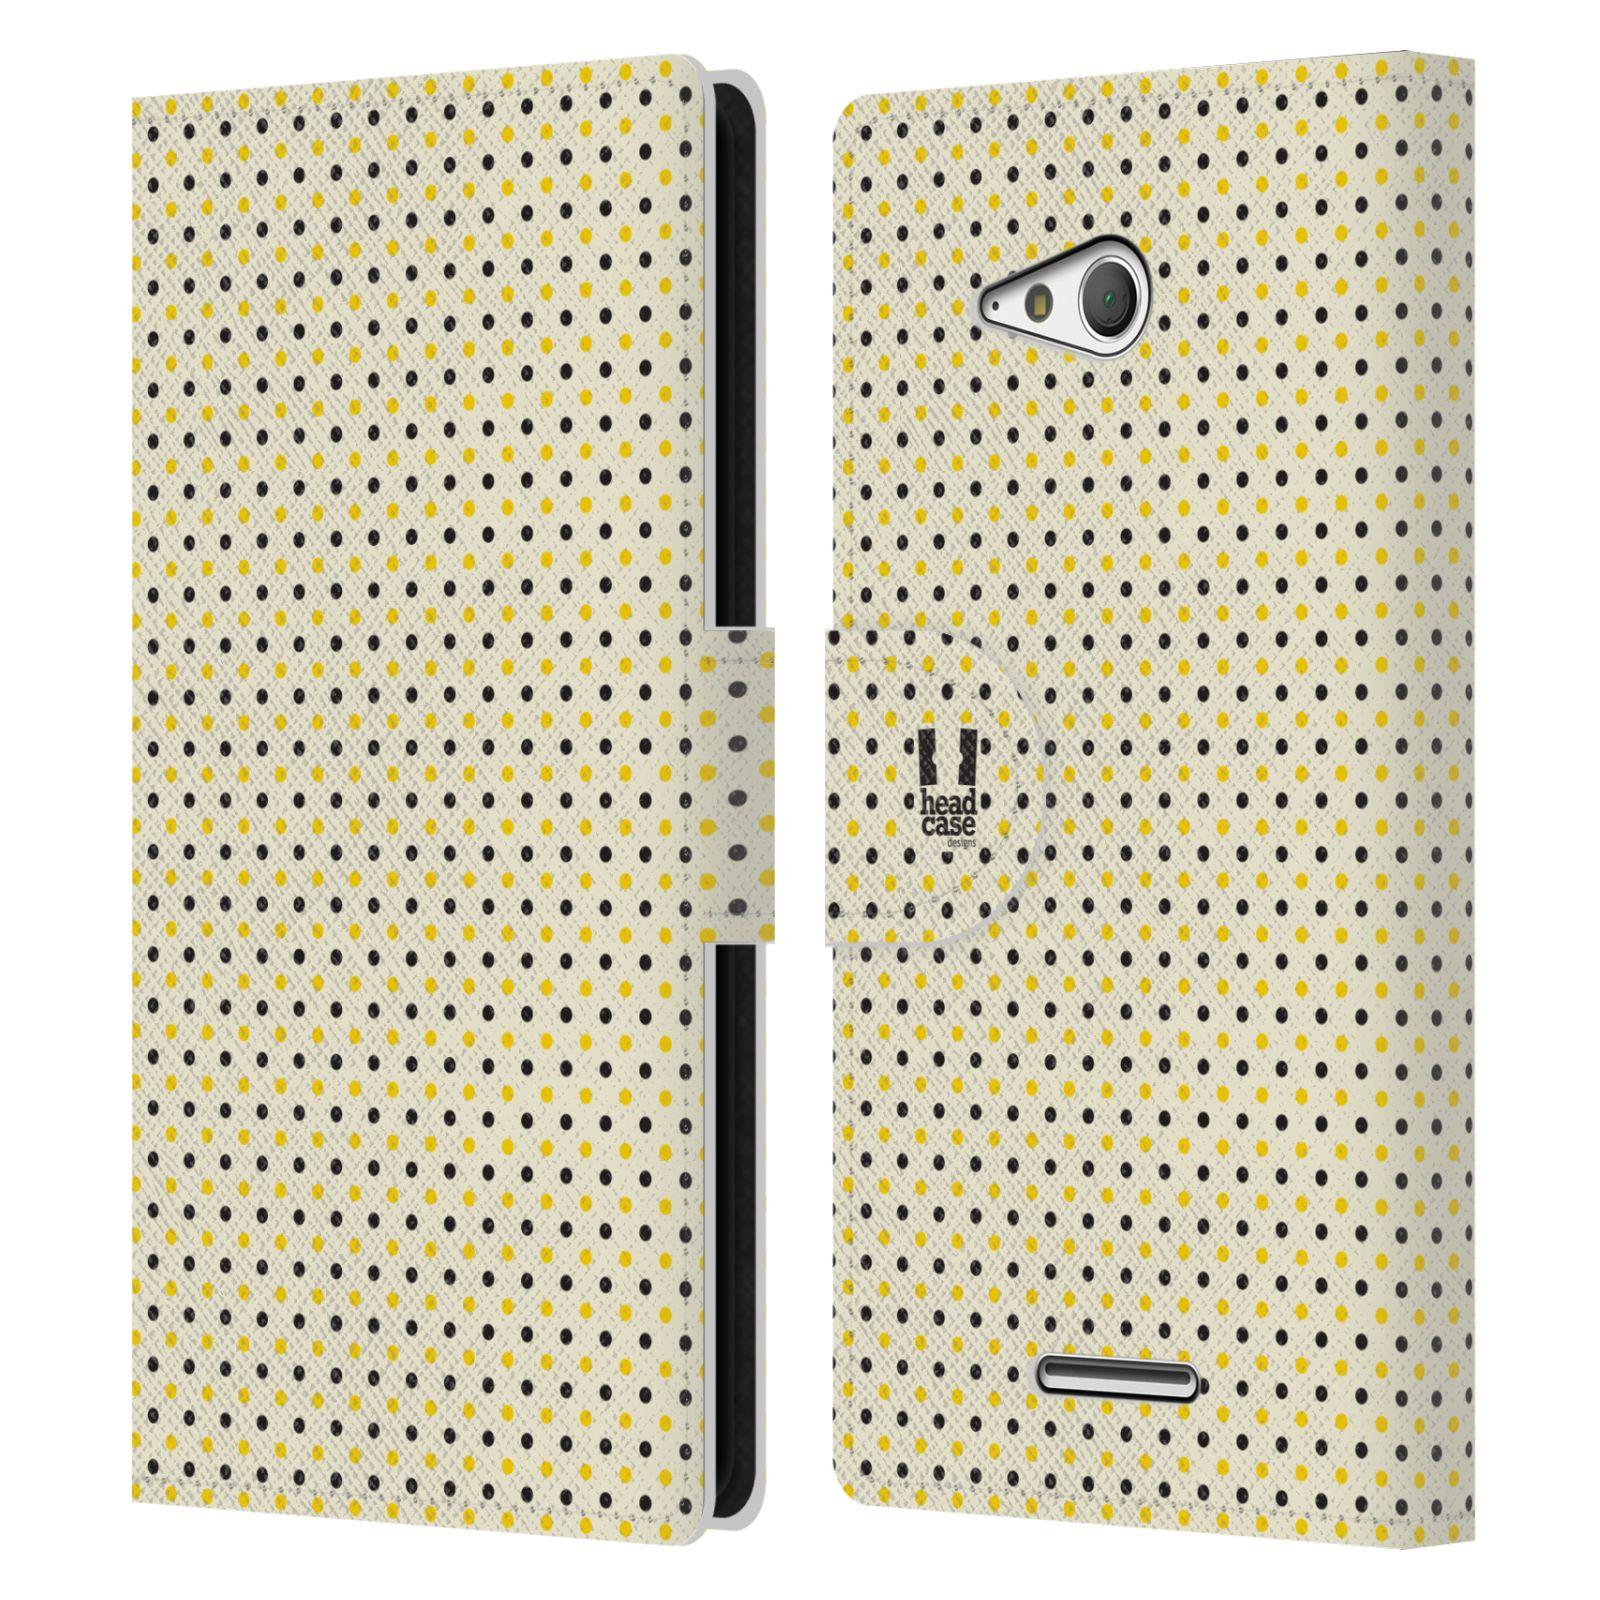 HEAD CASE Flipové pouzdro pro mobil SONY XPERIA E4g VČELÍ VZOR tečky a puntíky